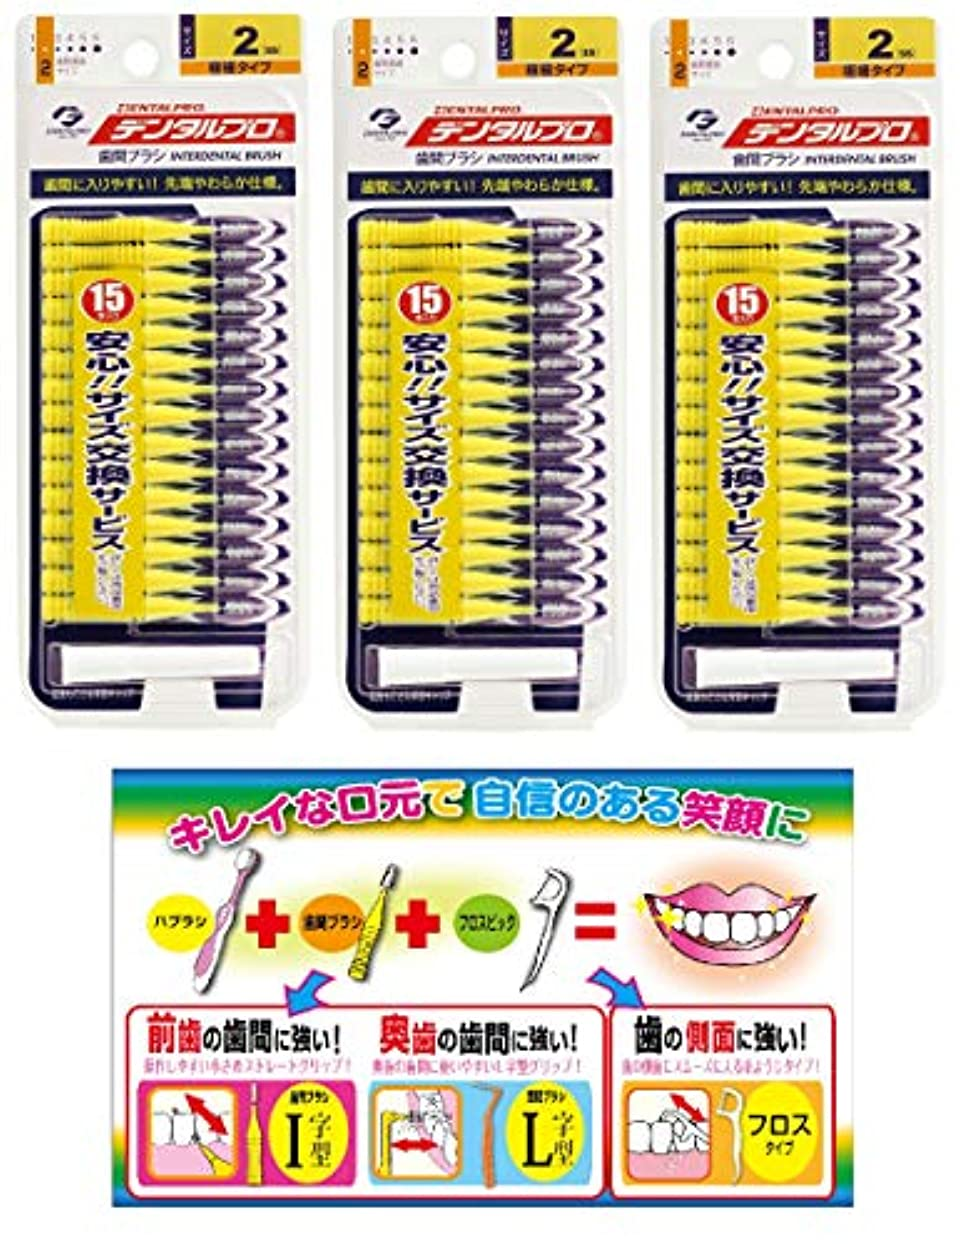 磁気重くするエトナ山【Amazon.co.jp限定】DP歯間ブラシ15P サイズ2 3P+リーフレット